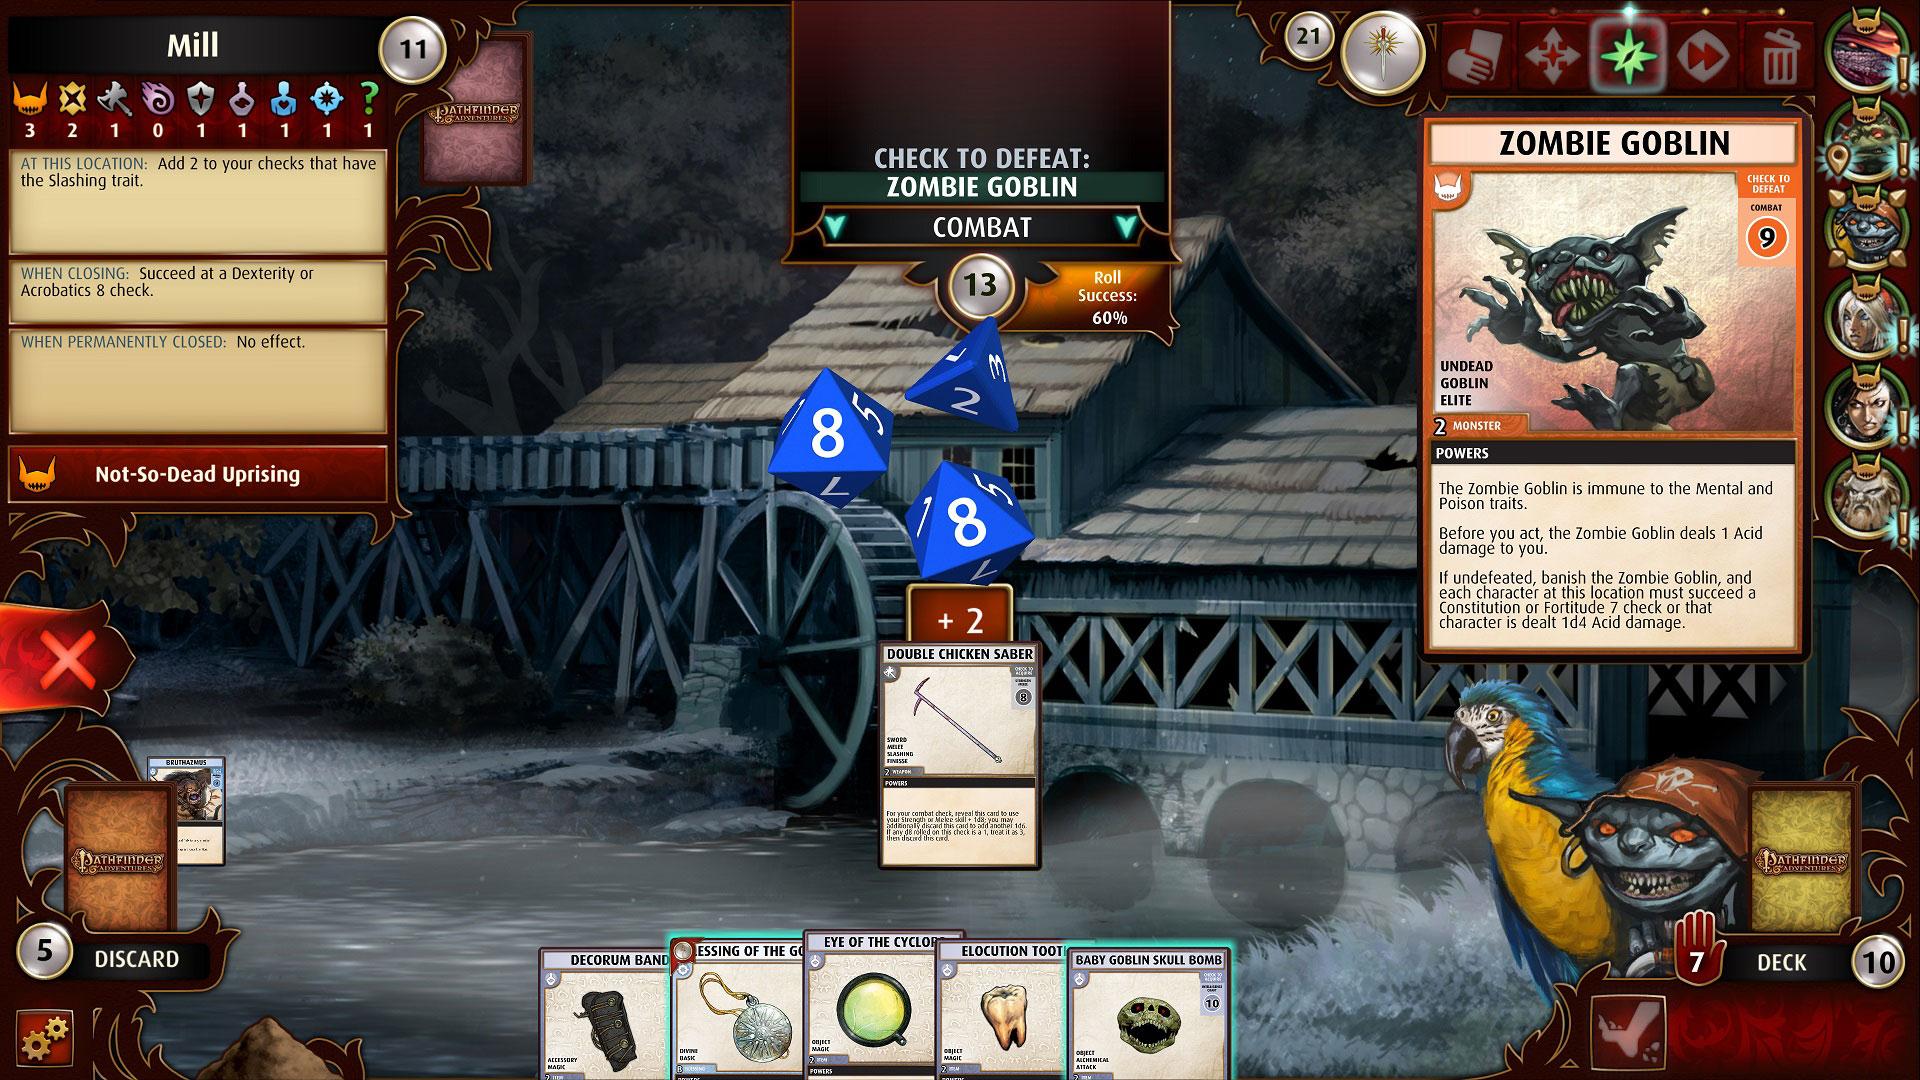 pa-screenshot-zombie-goblin.jpg